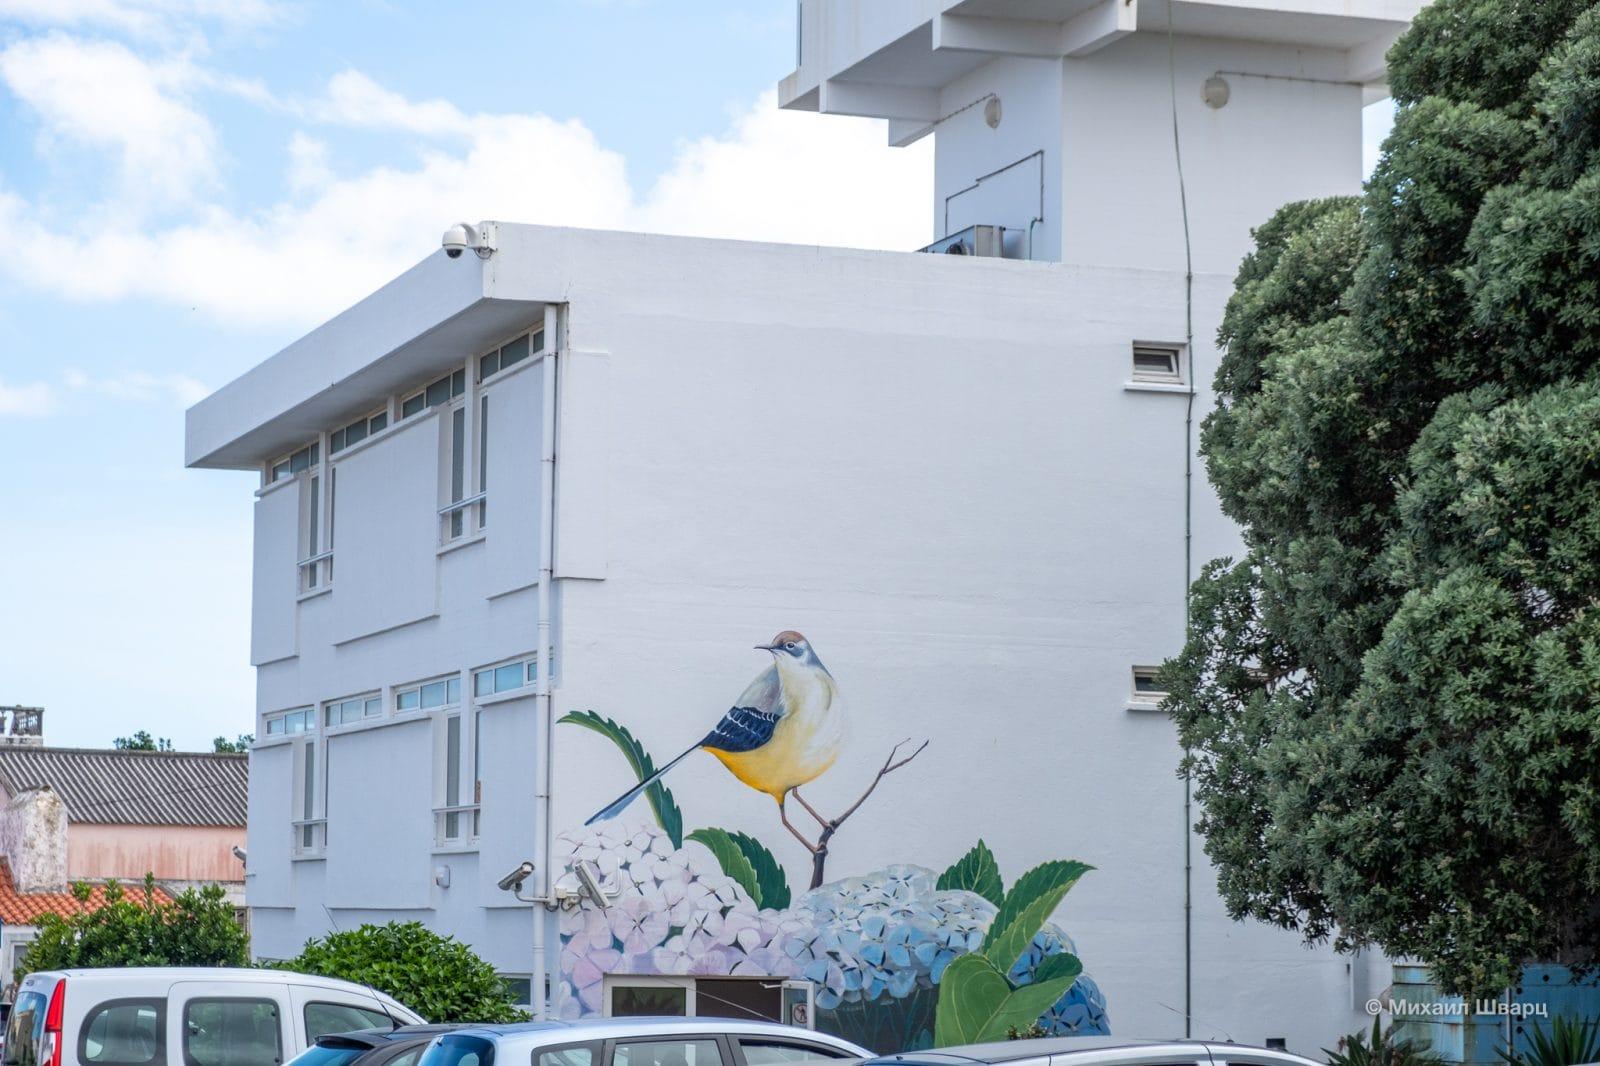 Птичка на стене дома